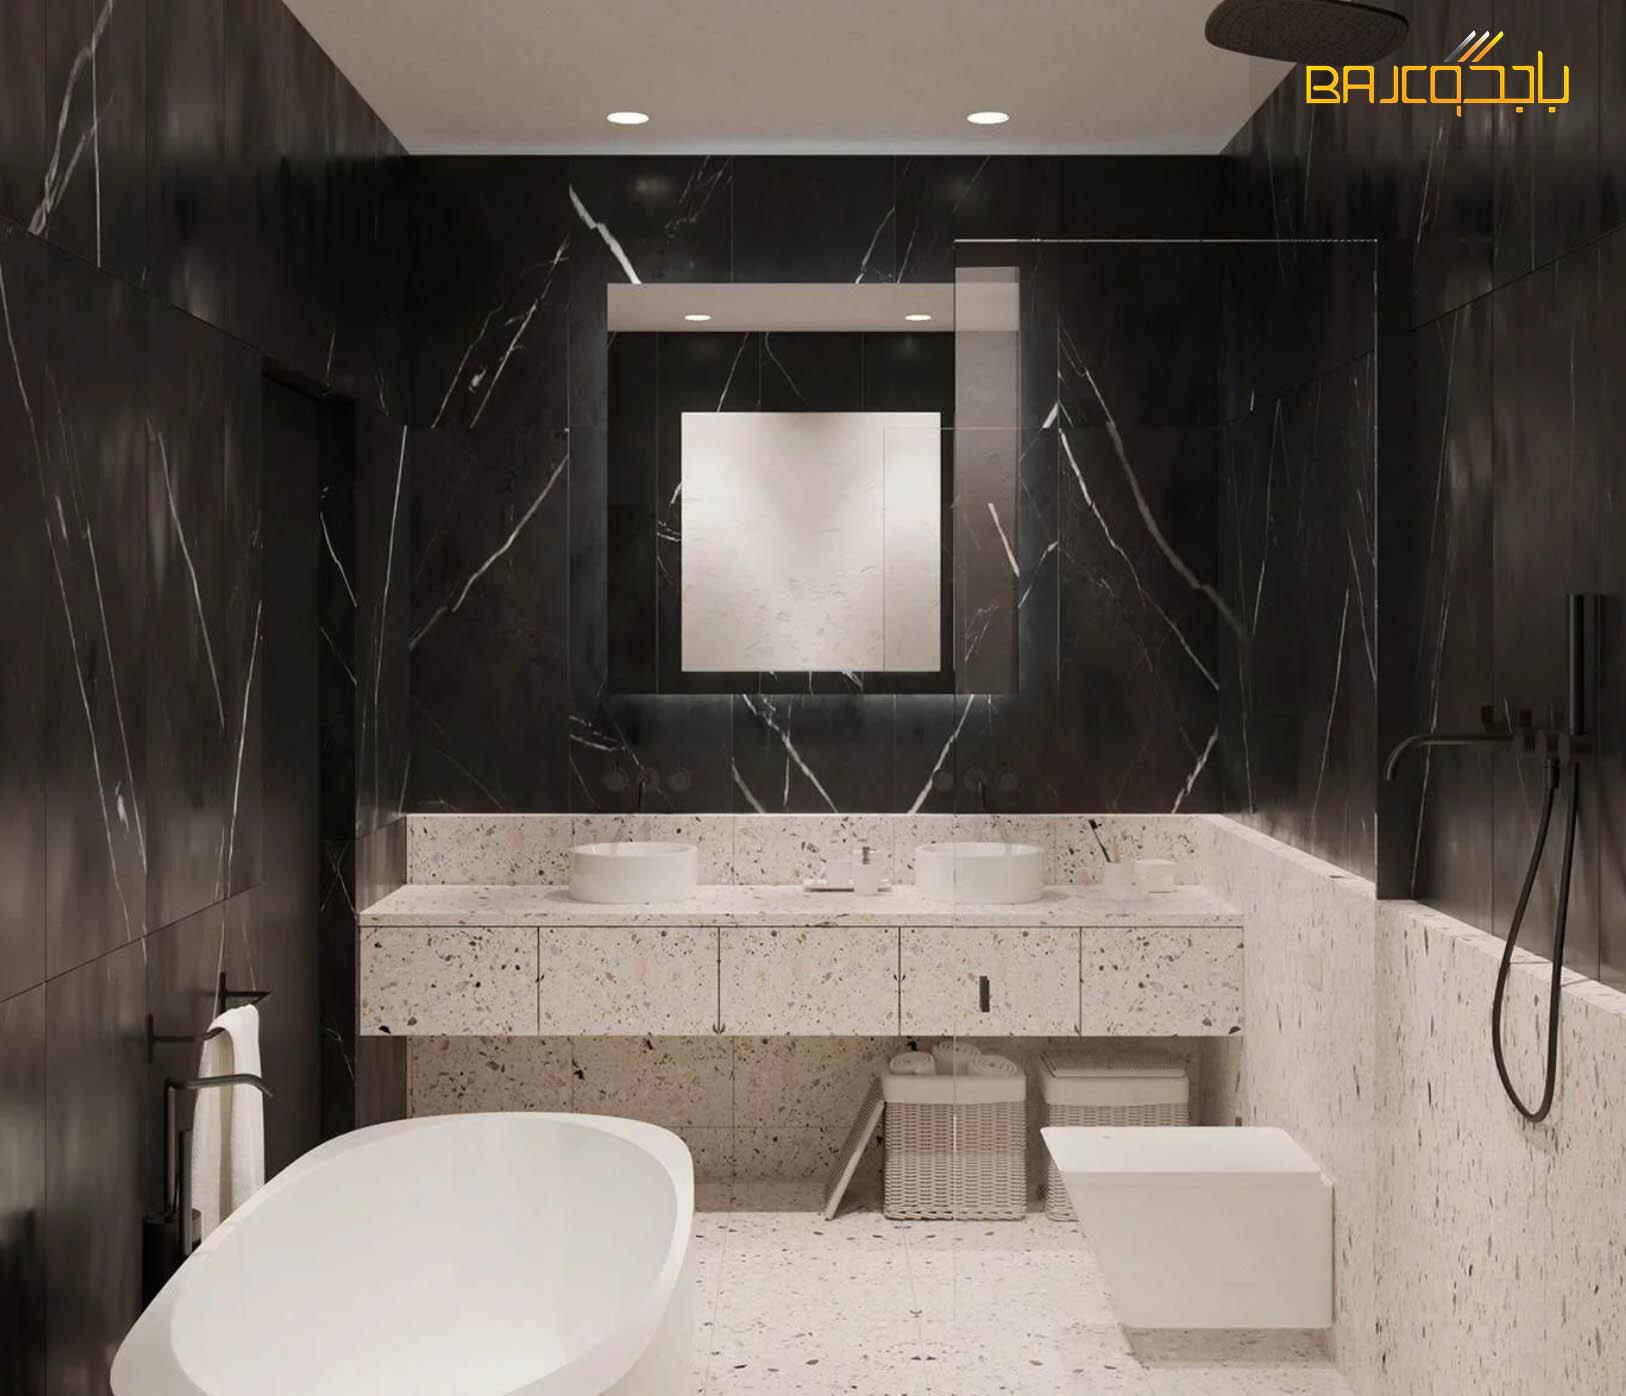 مغسلة تيرازو داخل الحمام حوضين